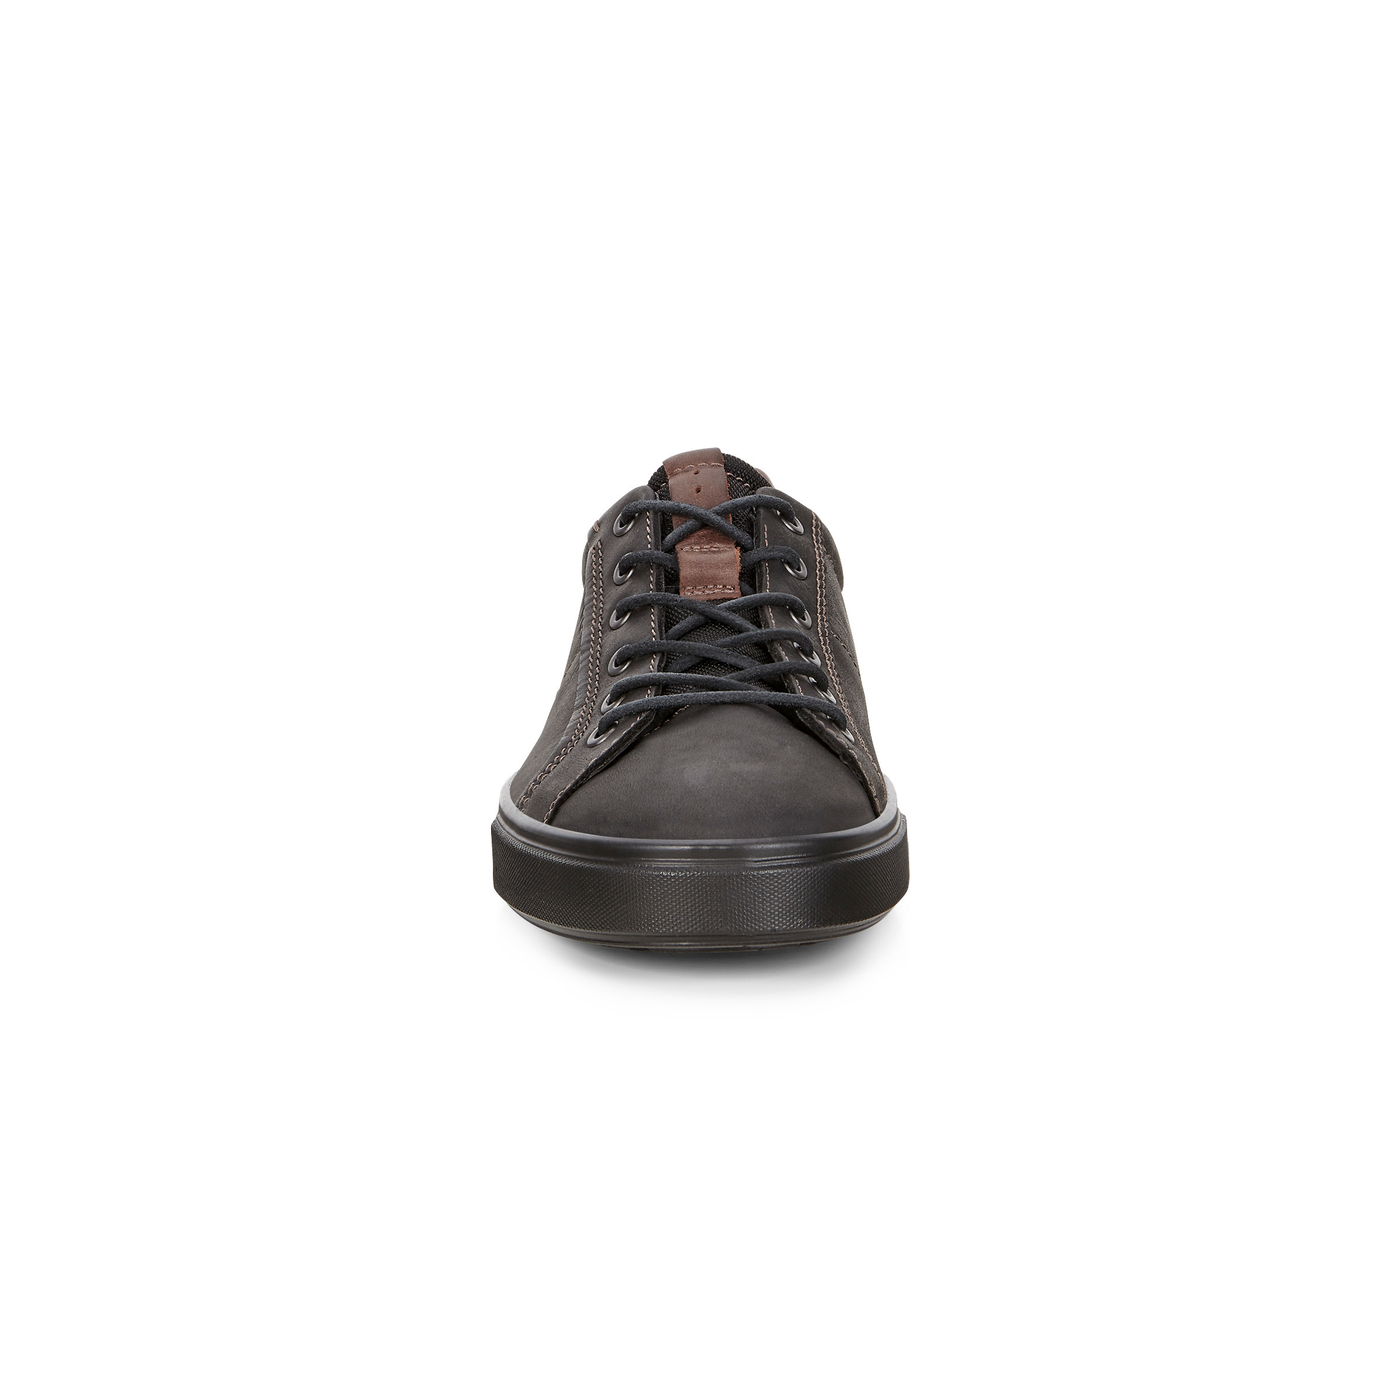 ECCO KYLE Shoe